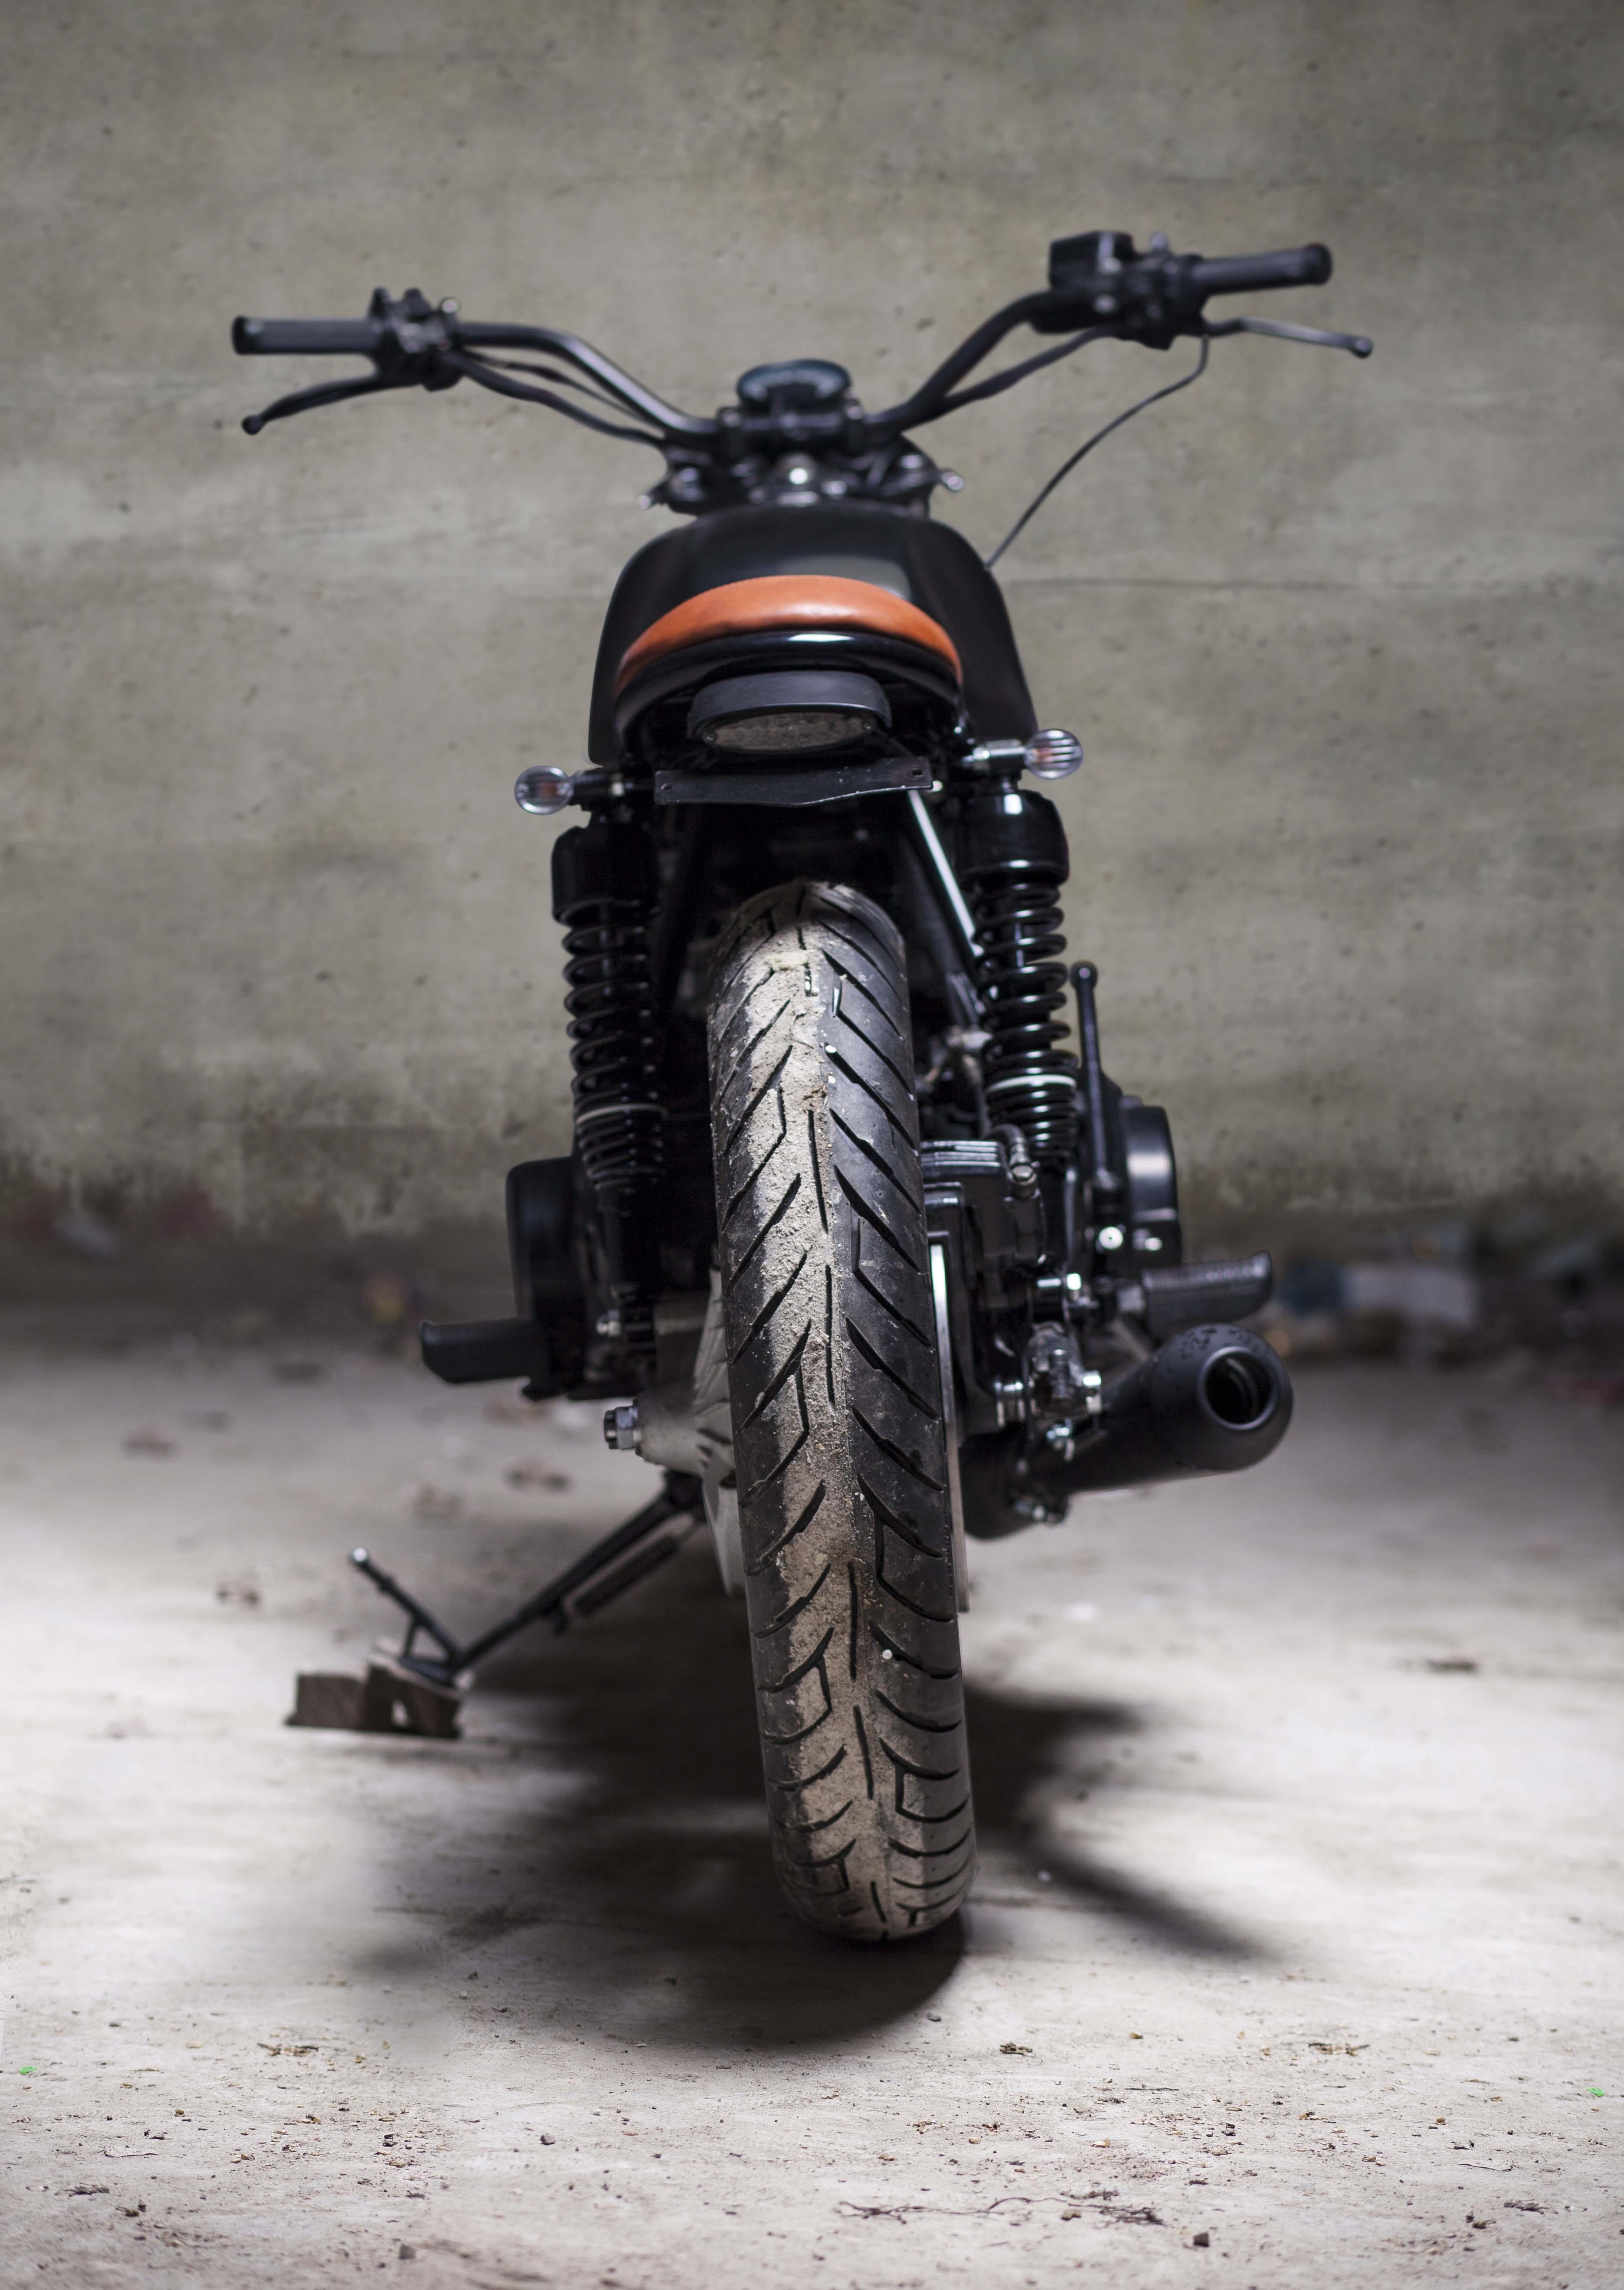 XS750 Tail Light